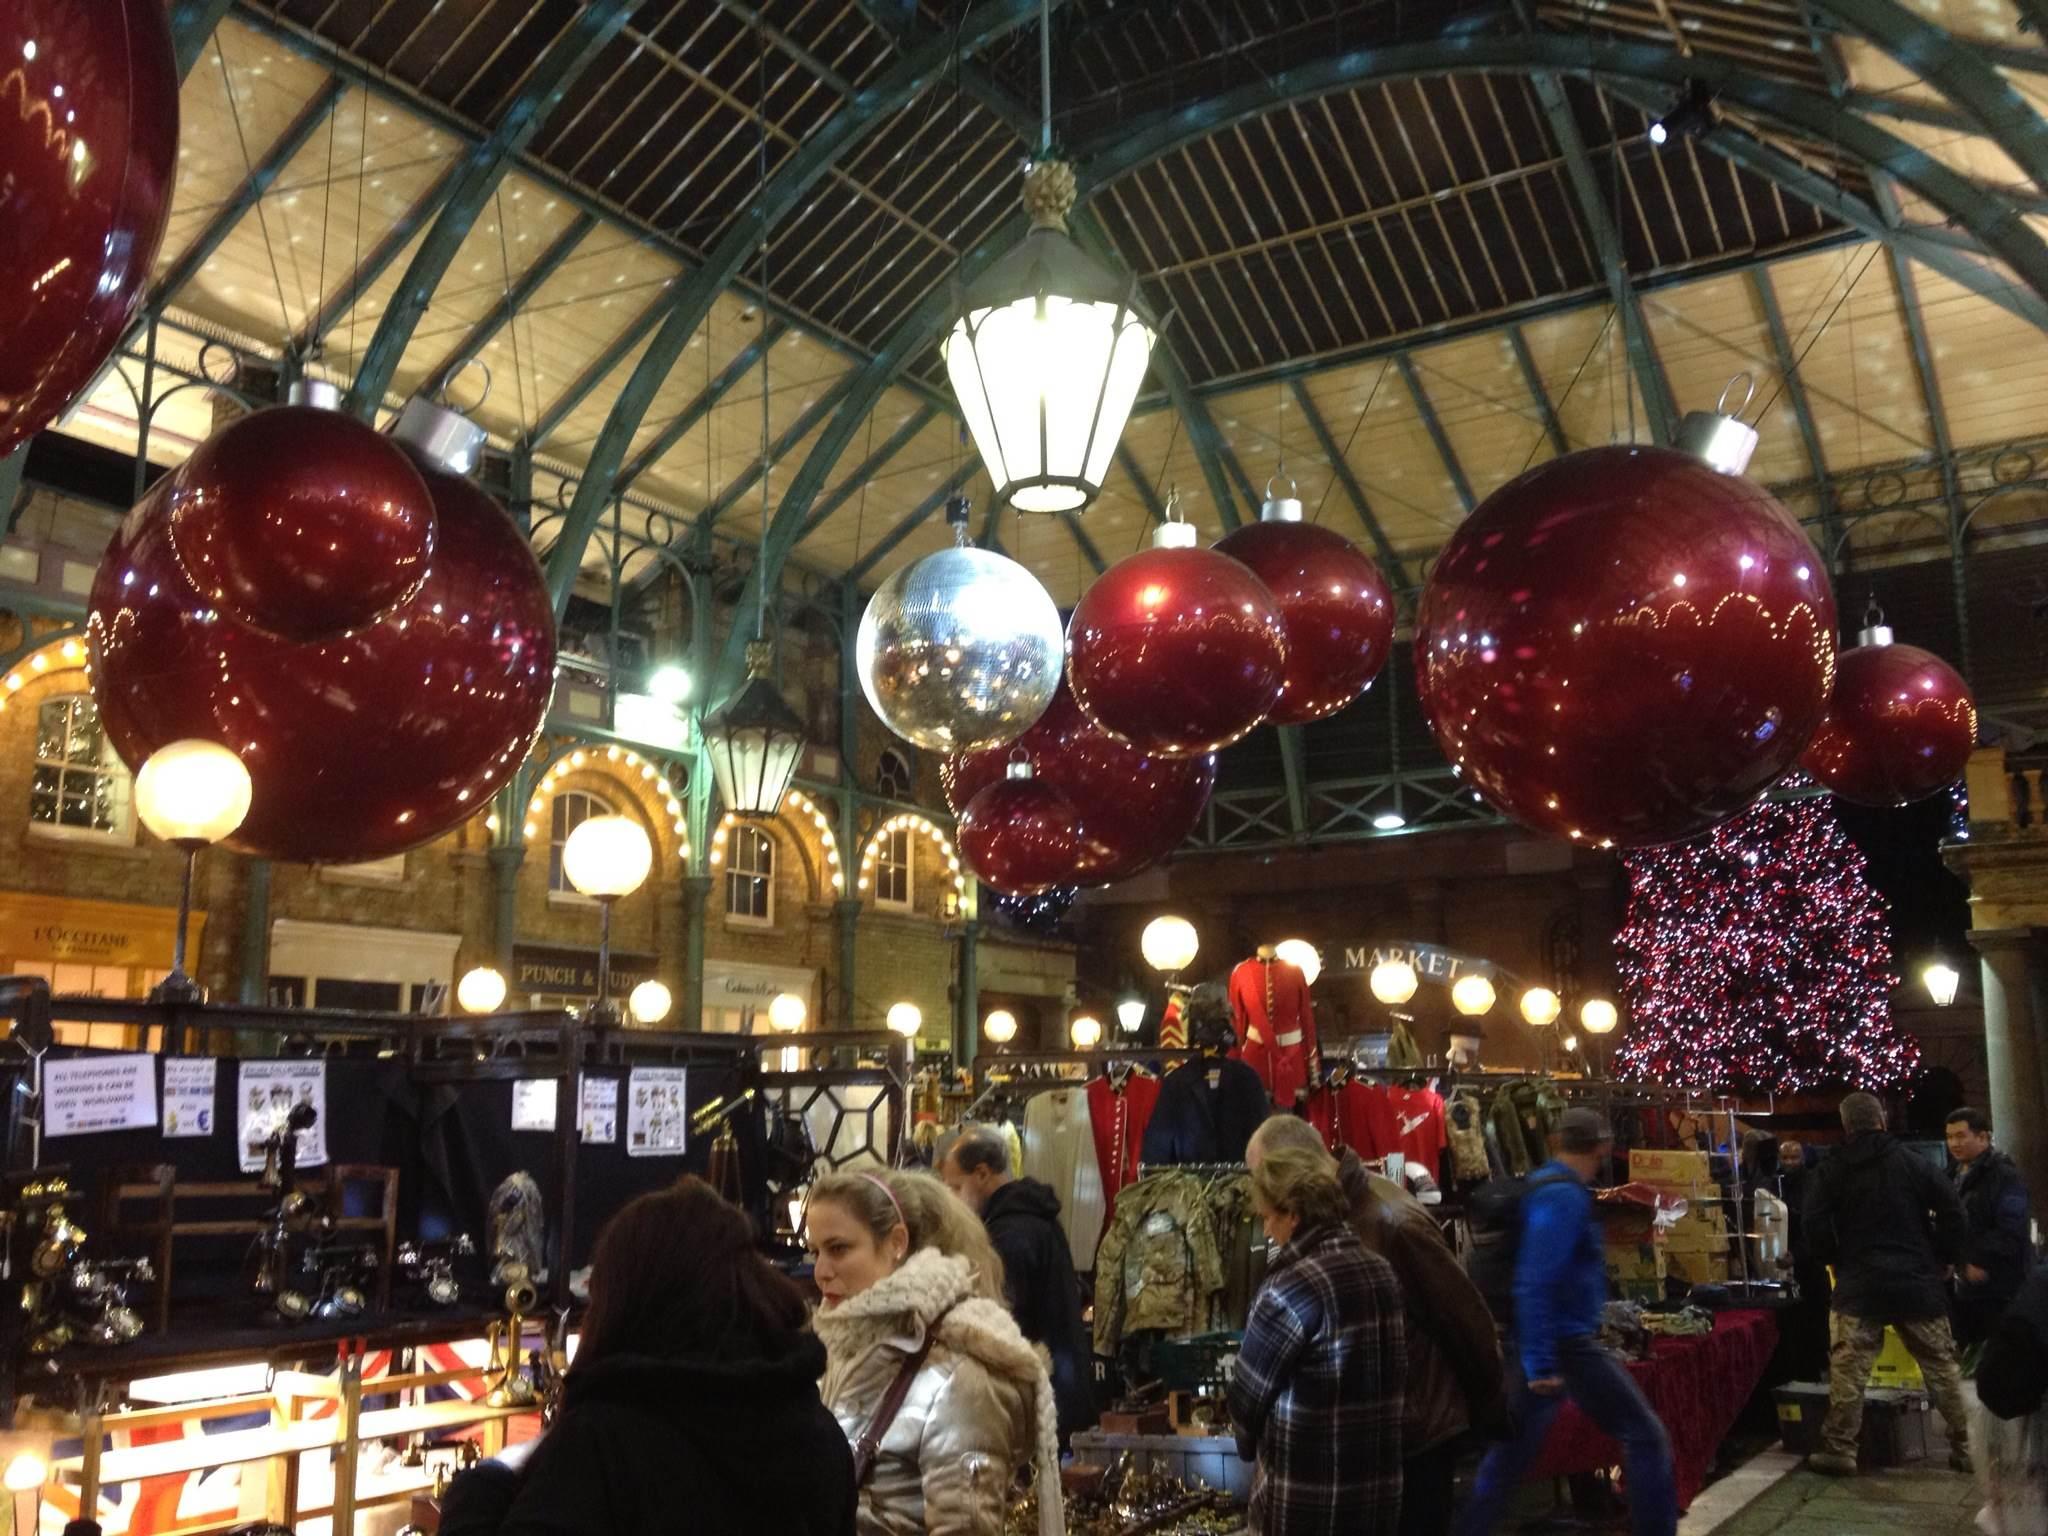 #A36628 Que Faire à Londres Au Moment De Noël 5317 decorations de noel a londres 2048x1536 px @ aertt.com